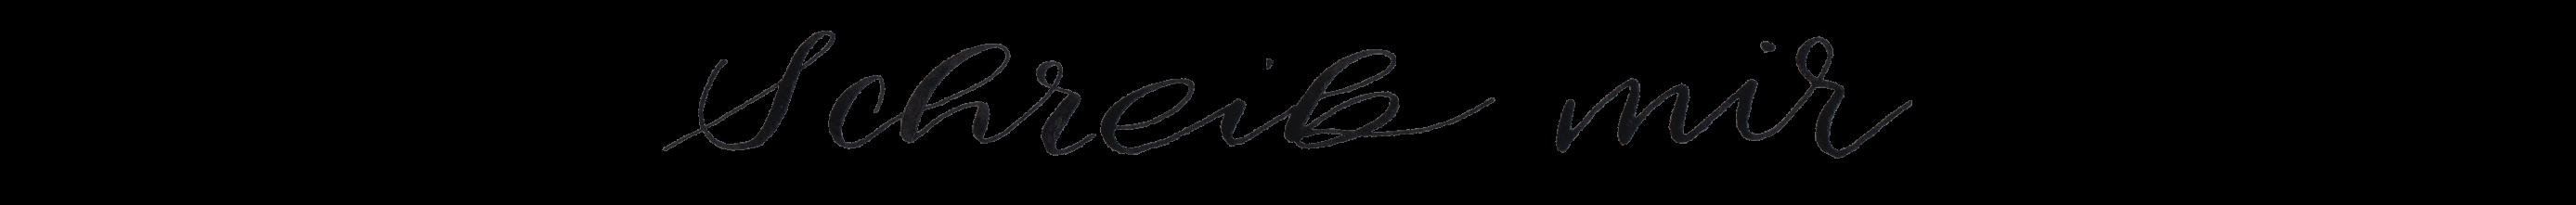 schreib mir-Kalligraphie Aquarell Künstler Ernährung Blumen und Botanische Illustrationen Deutschland Nachhaligkeit & Ökologisch